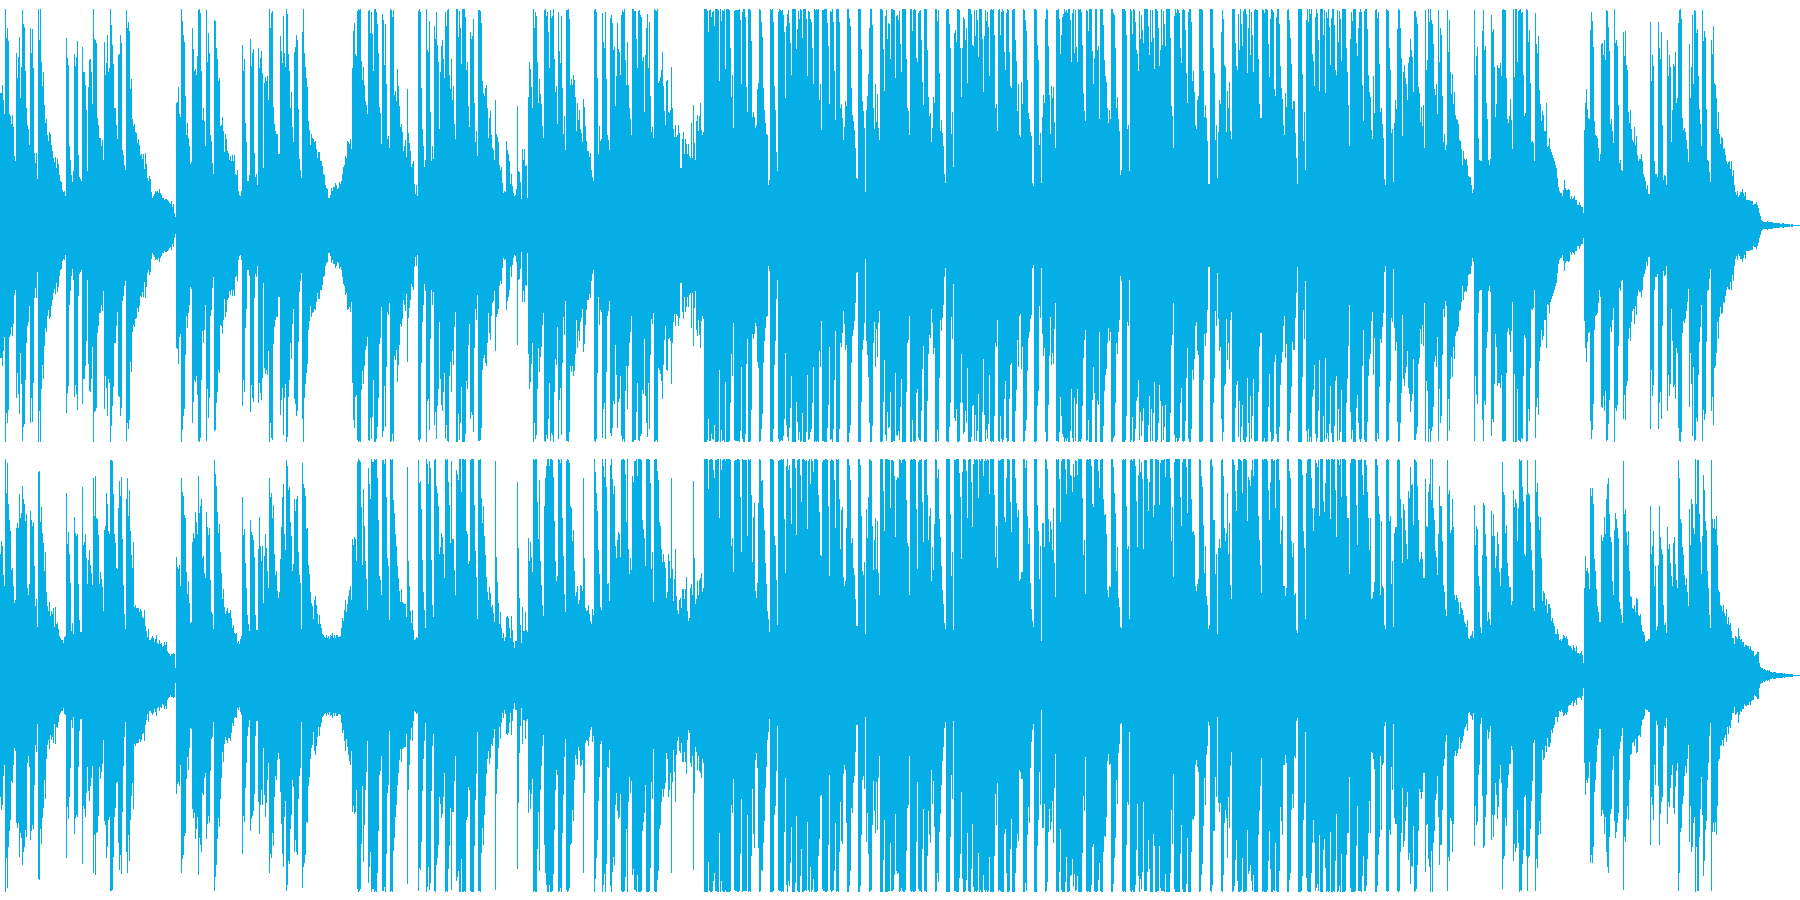 夏のトロピカルでゆったりとしたダンス楽曲の再生済みの波形